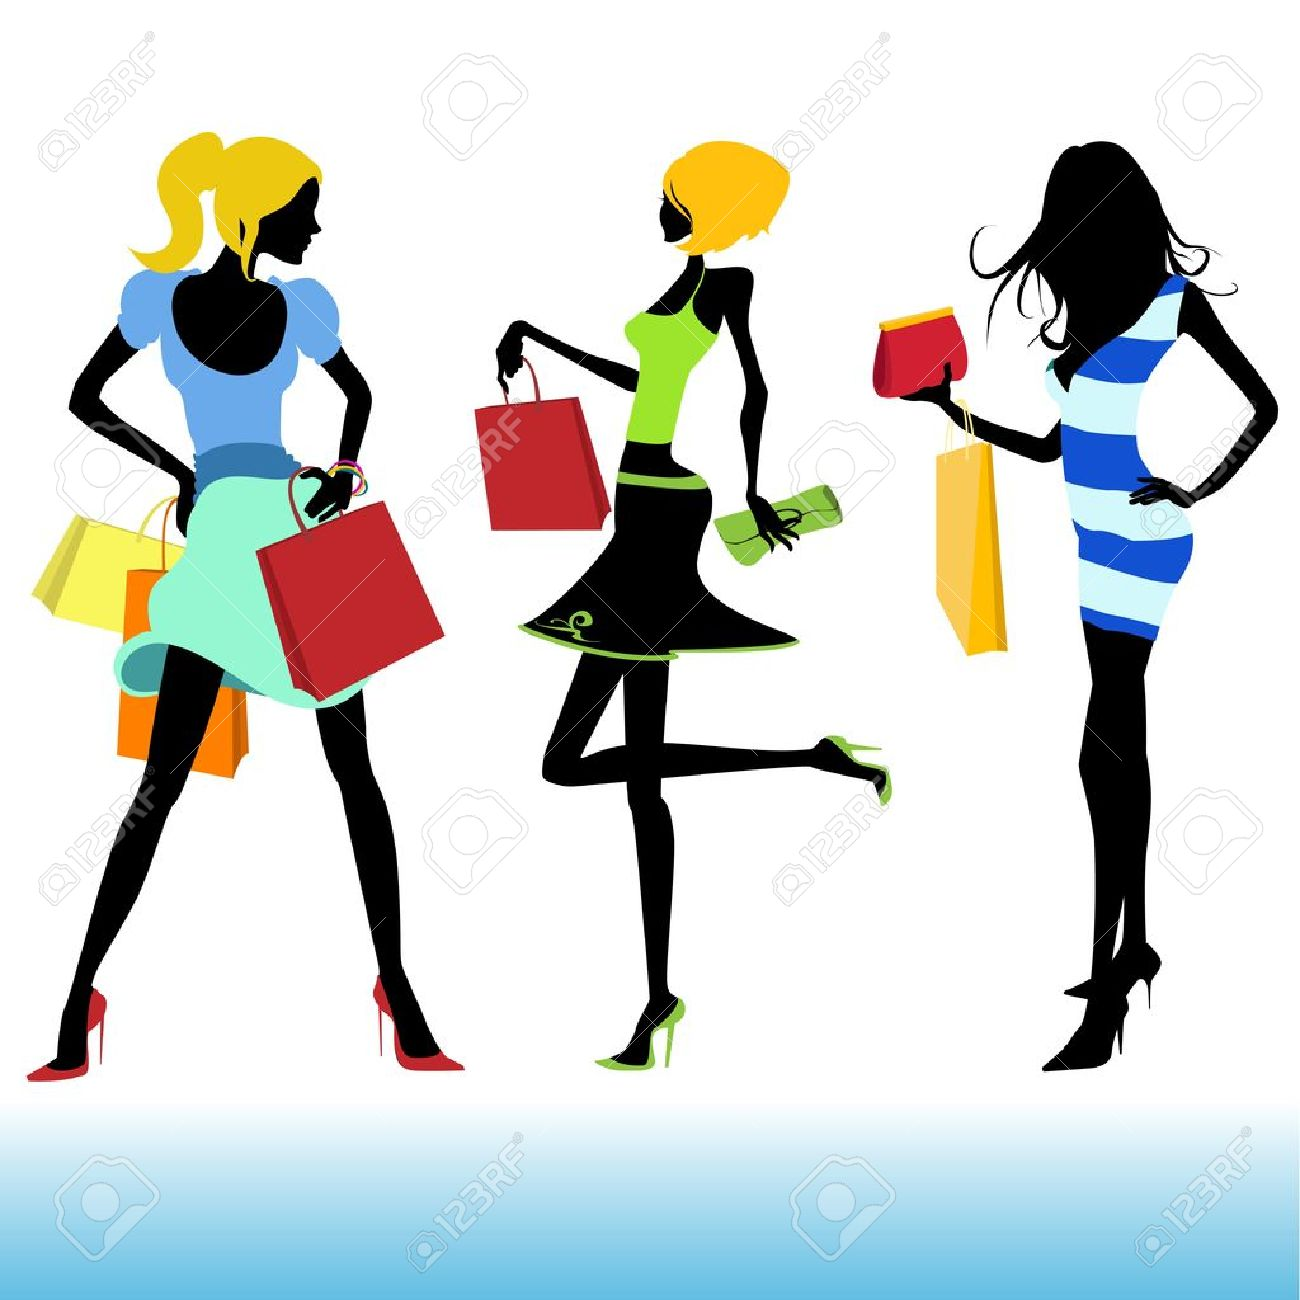 shopping girl illustration - 9315659